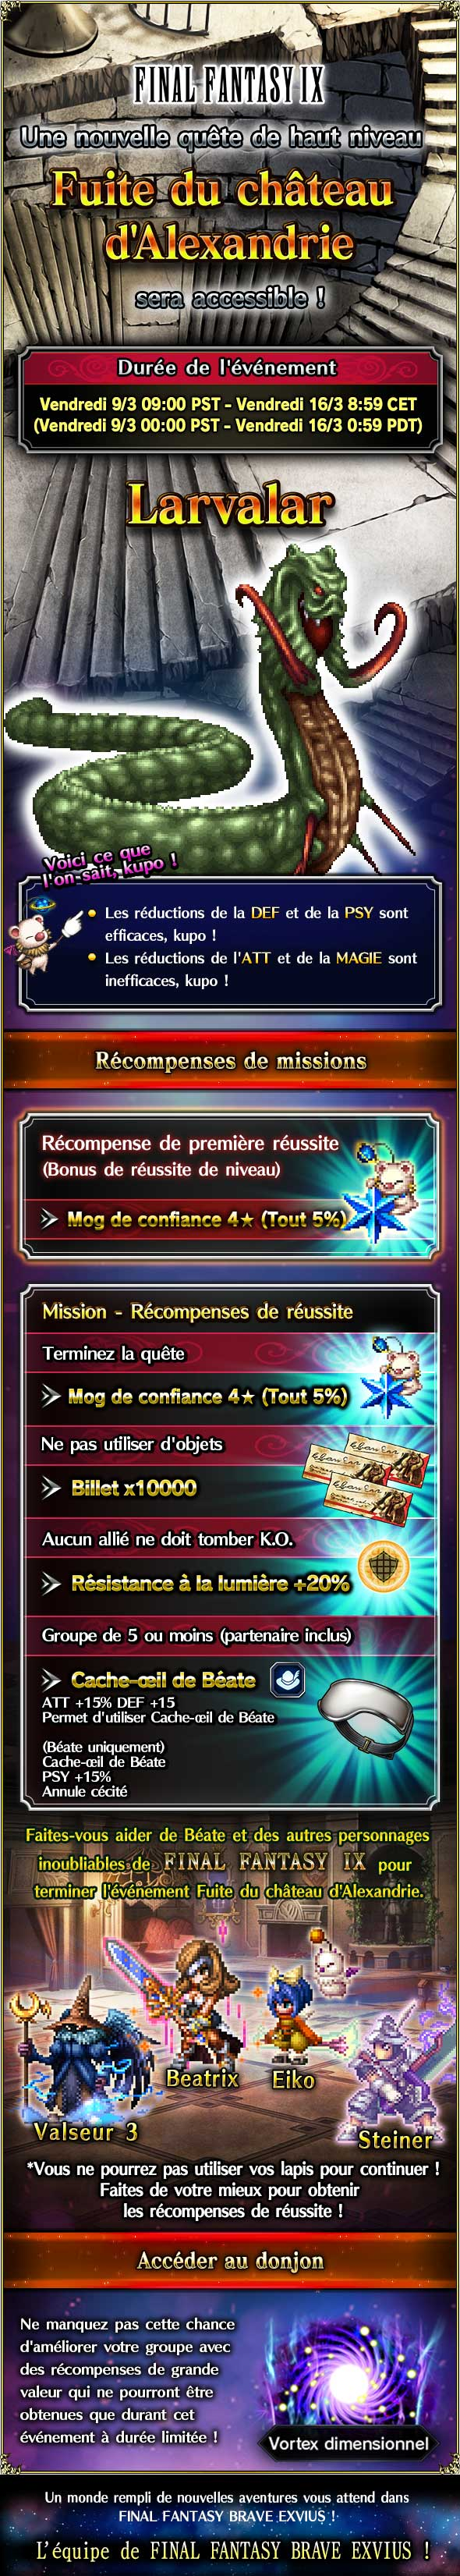 Evenement FFIX - Fuite du chateau d'Alexandrie News_banner_EscapefromAlexandriaCastle